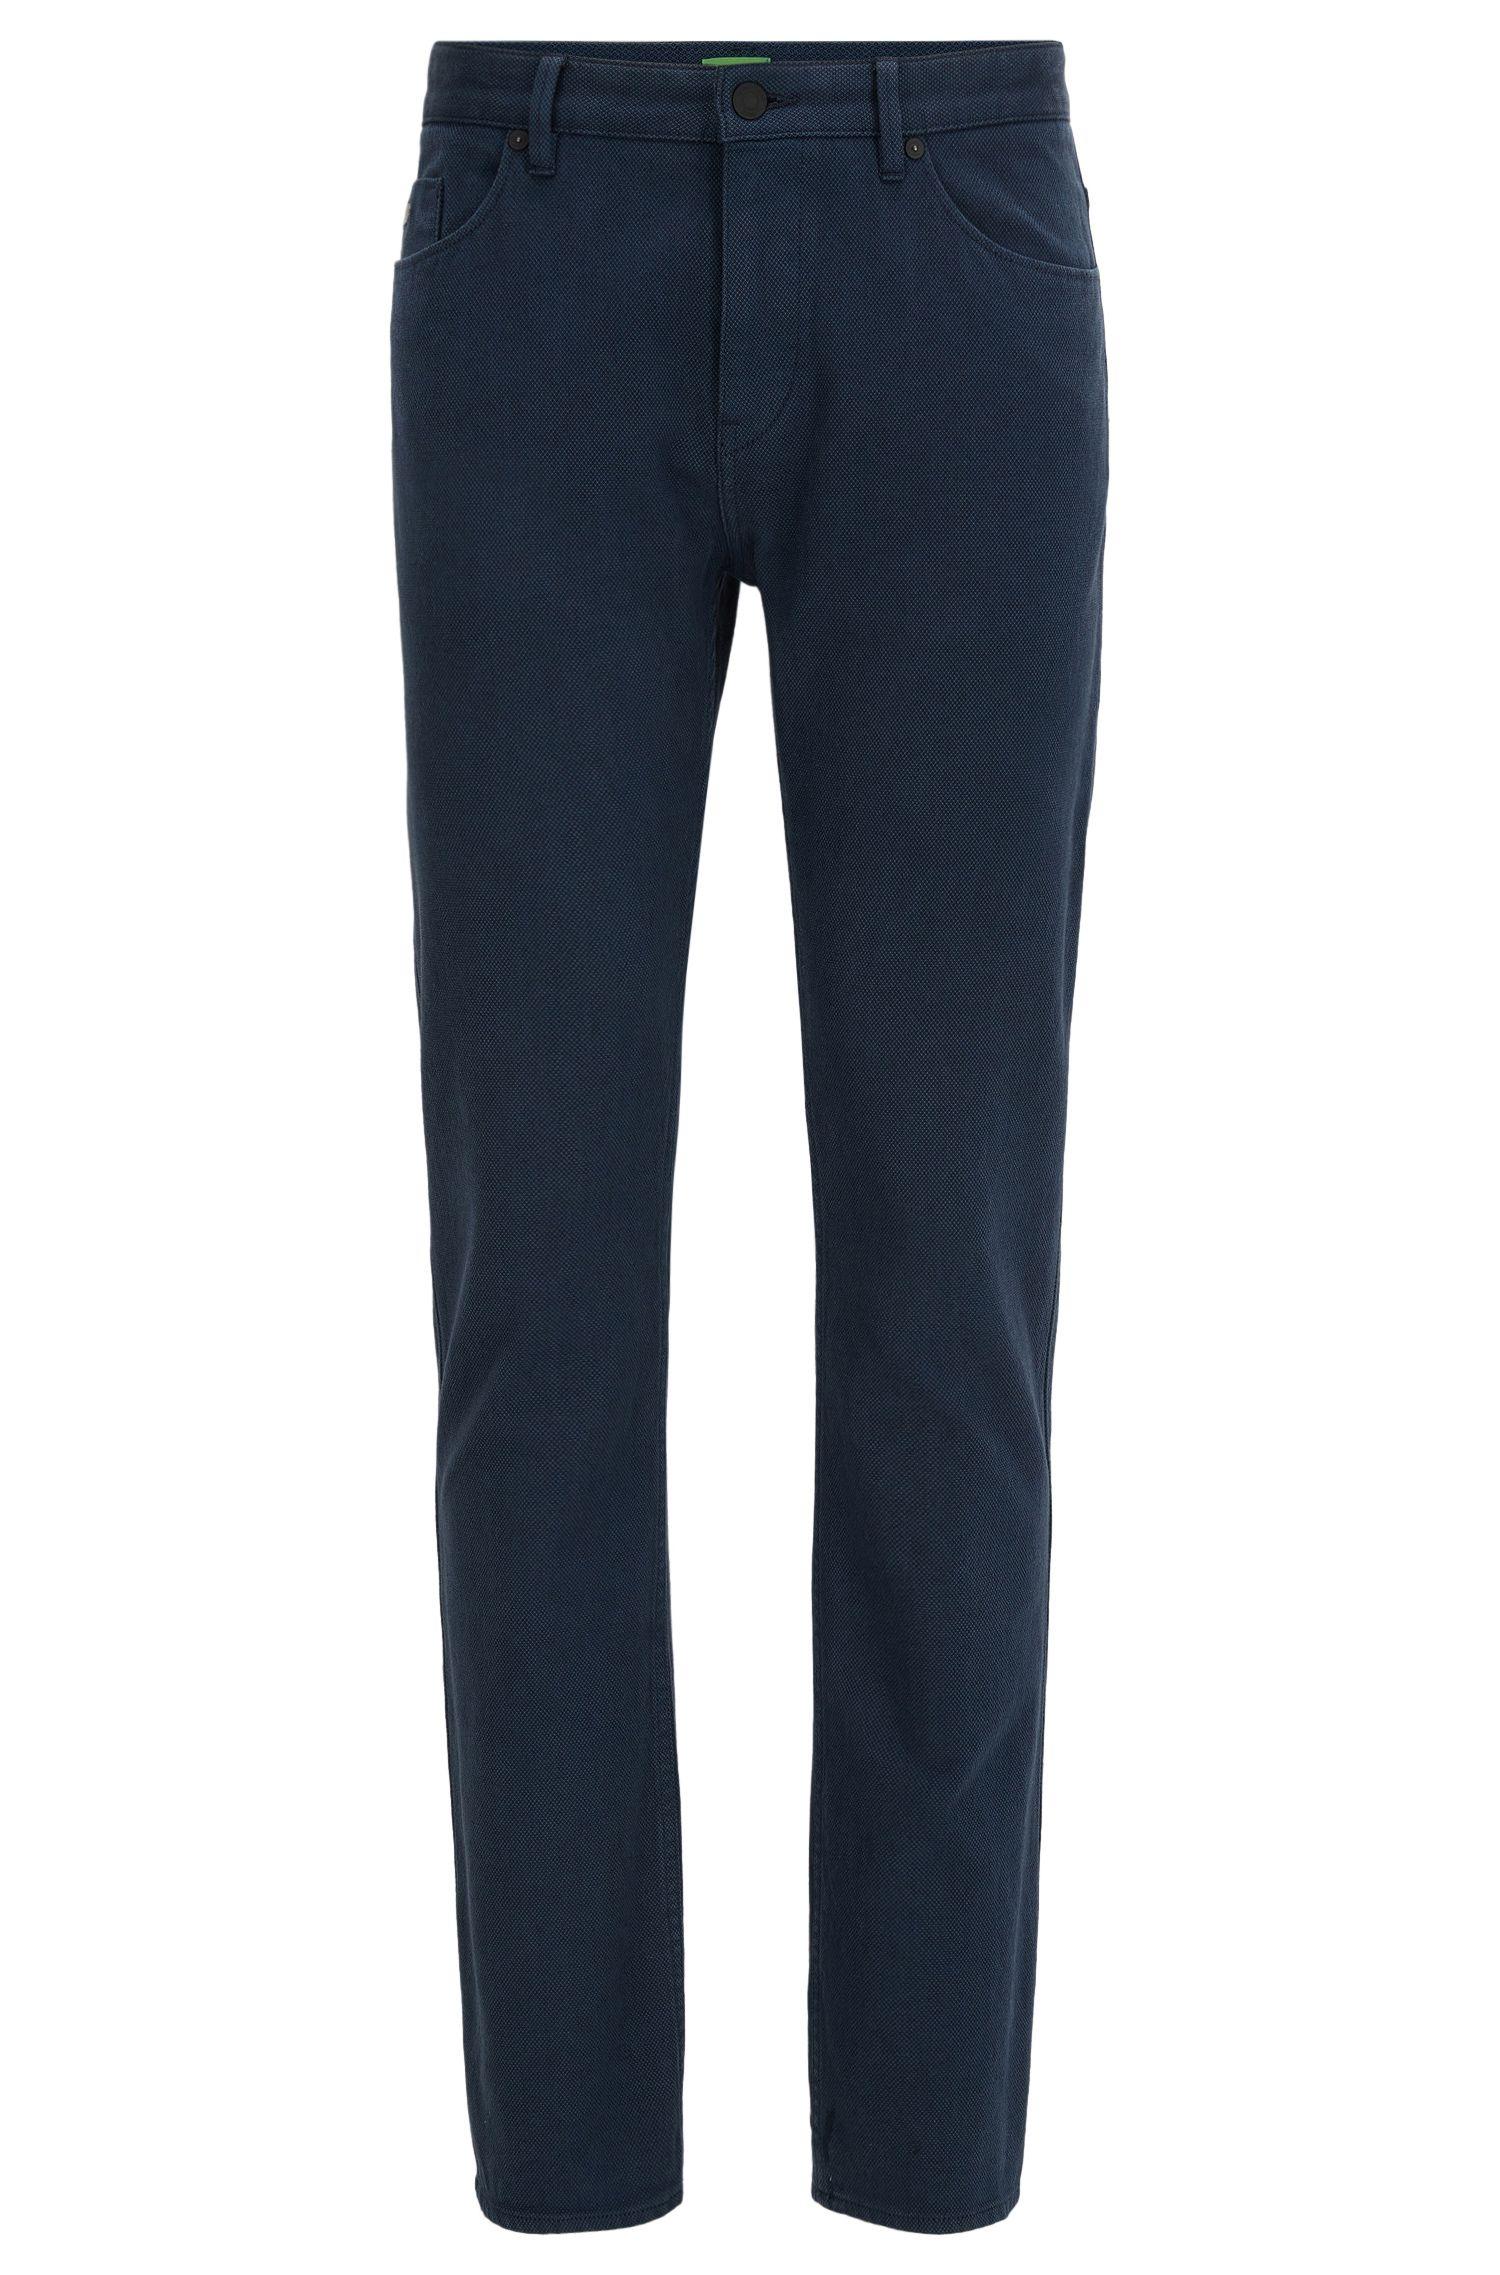 Pantaloni slim fit in cotone double-face a occhio di pernice